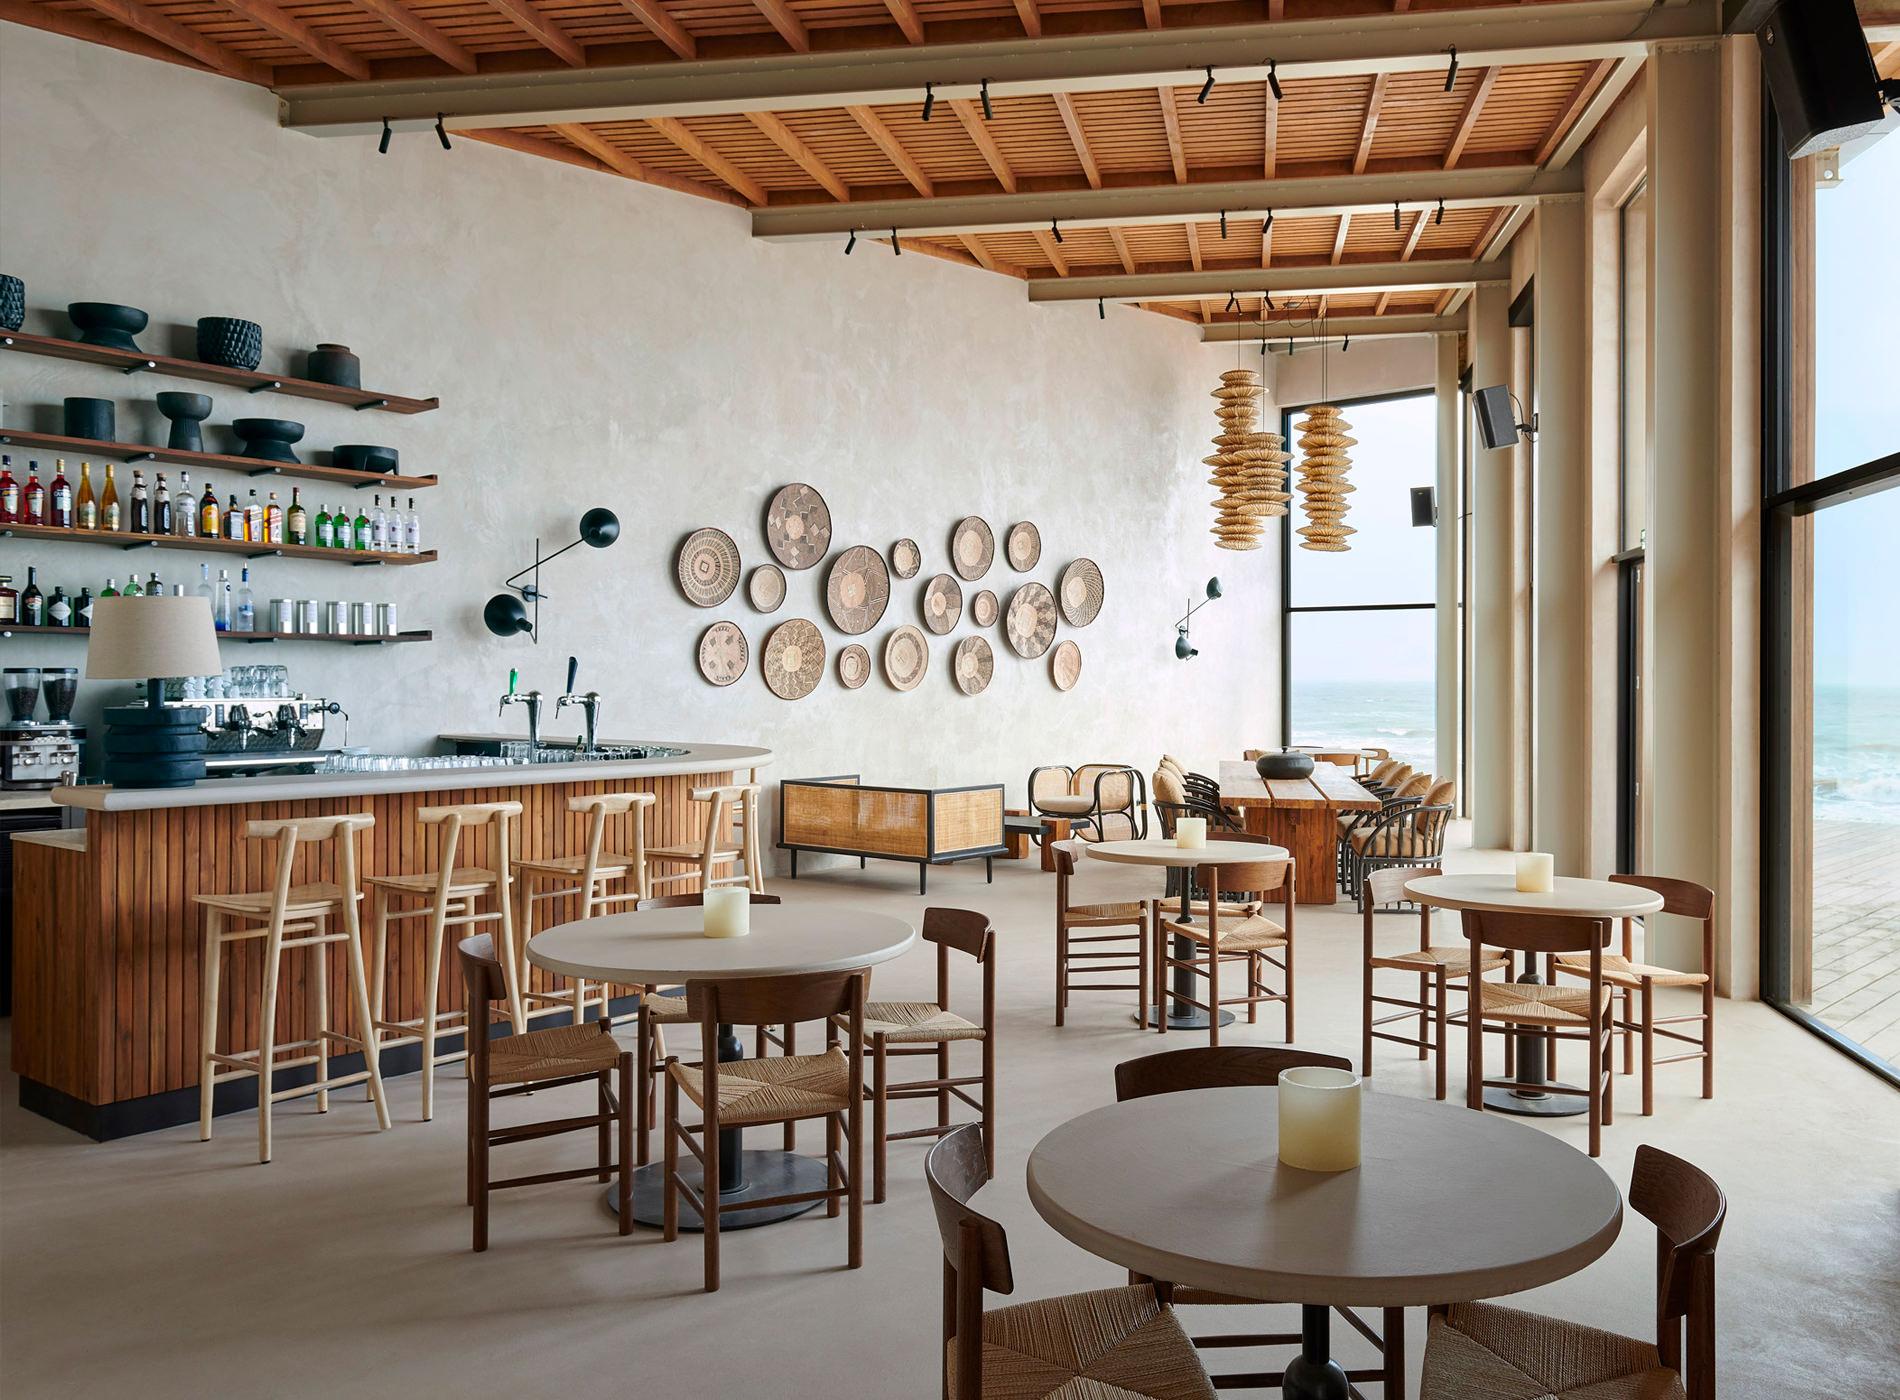 Restaurant De Republiek. Amsterdam, Bloemendaal Aan Zee — Pays-Bas